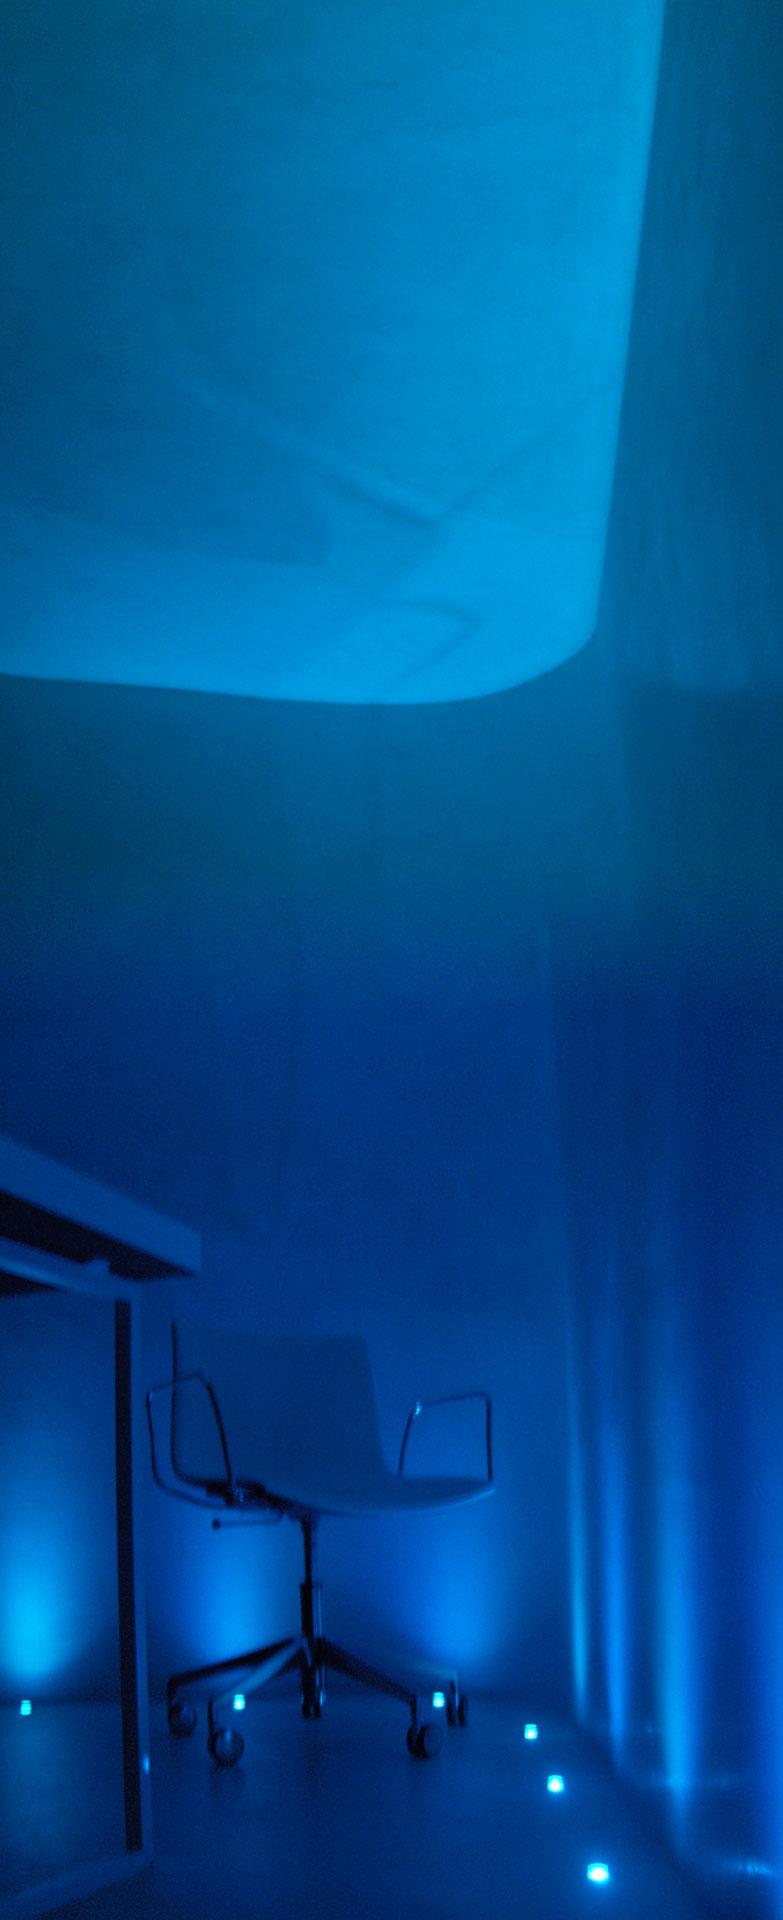 Ufficio in microcemento bianco con luci blu